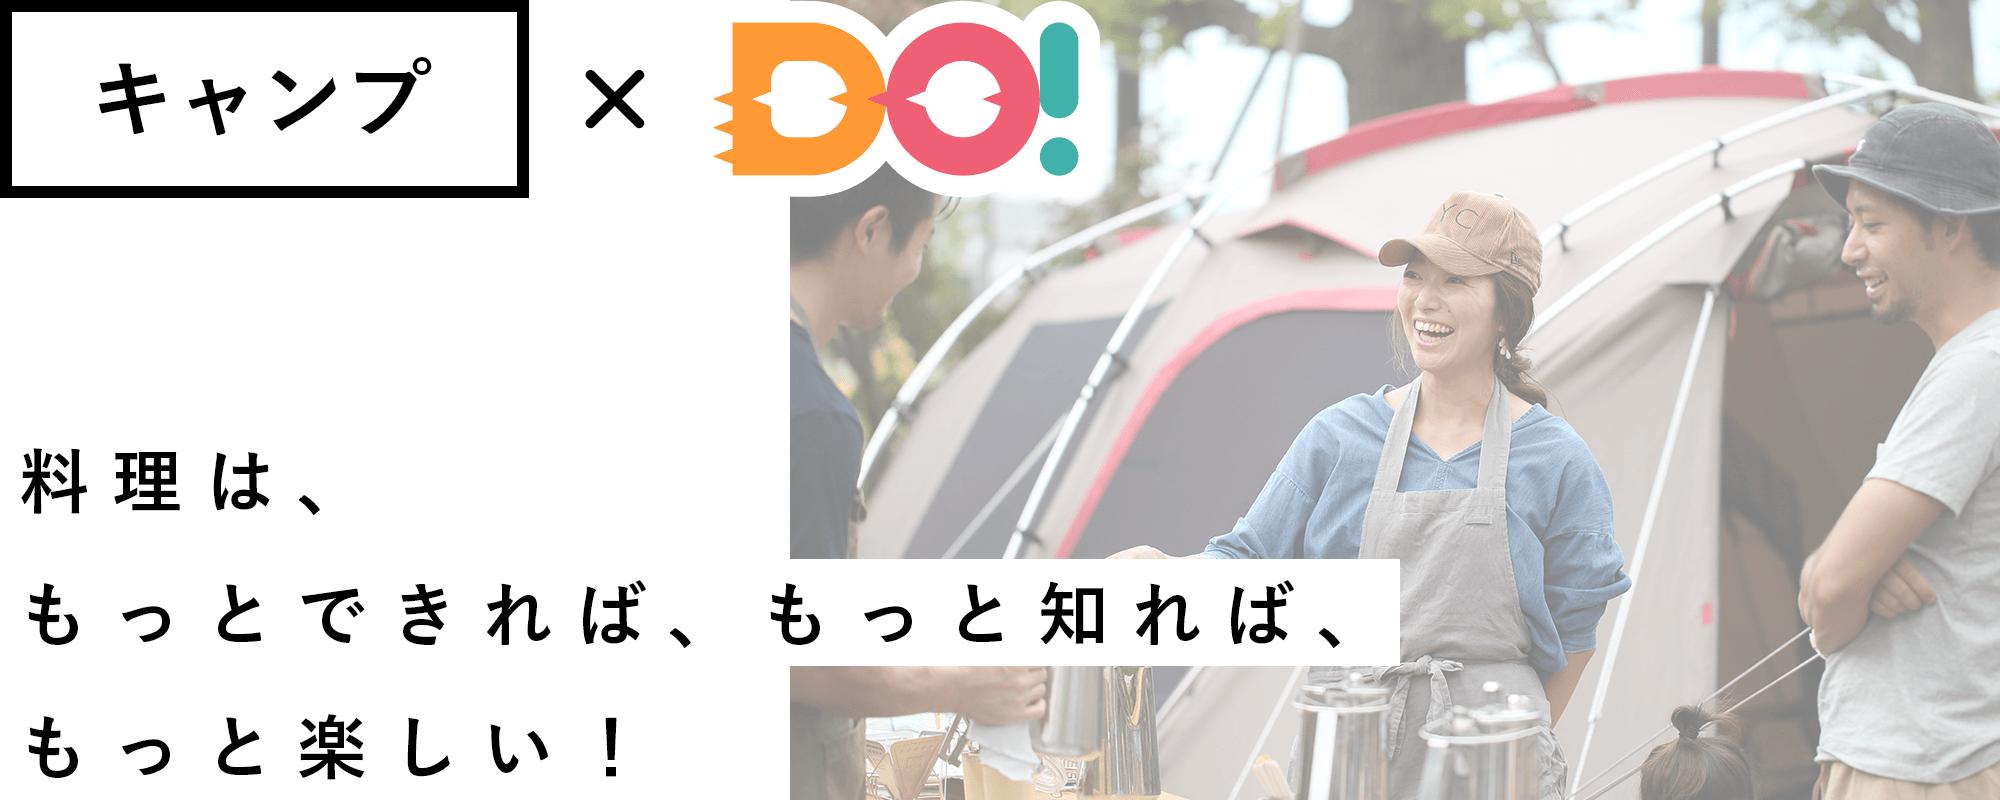 キャンプ×Do!